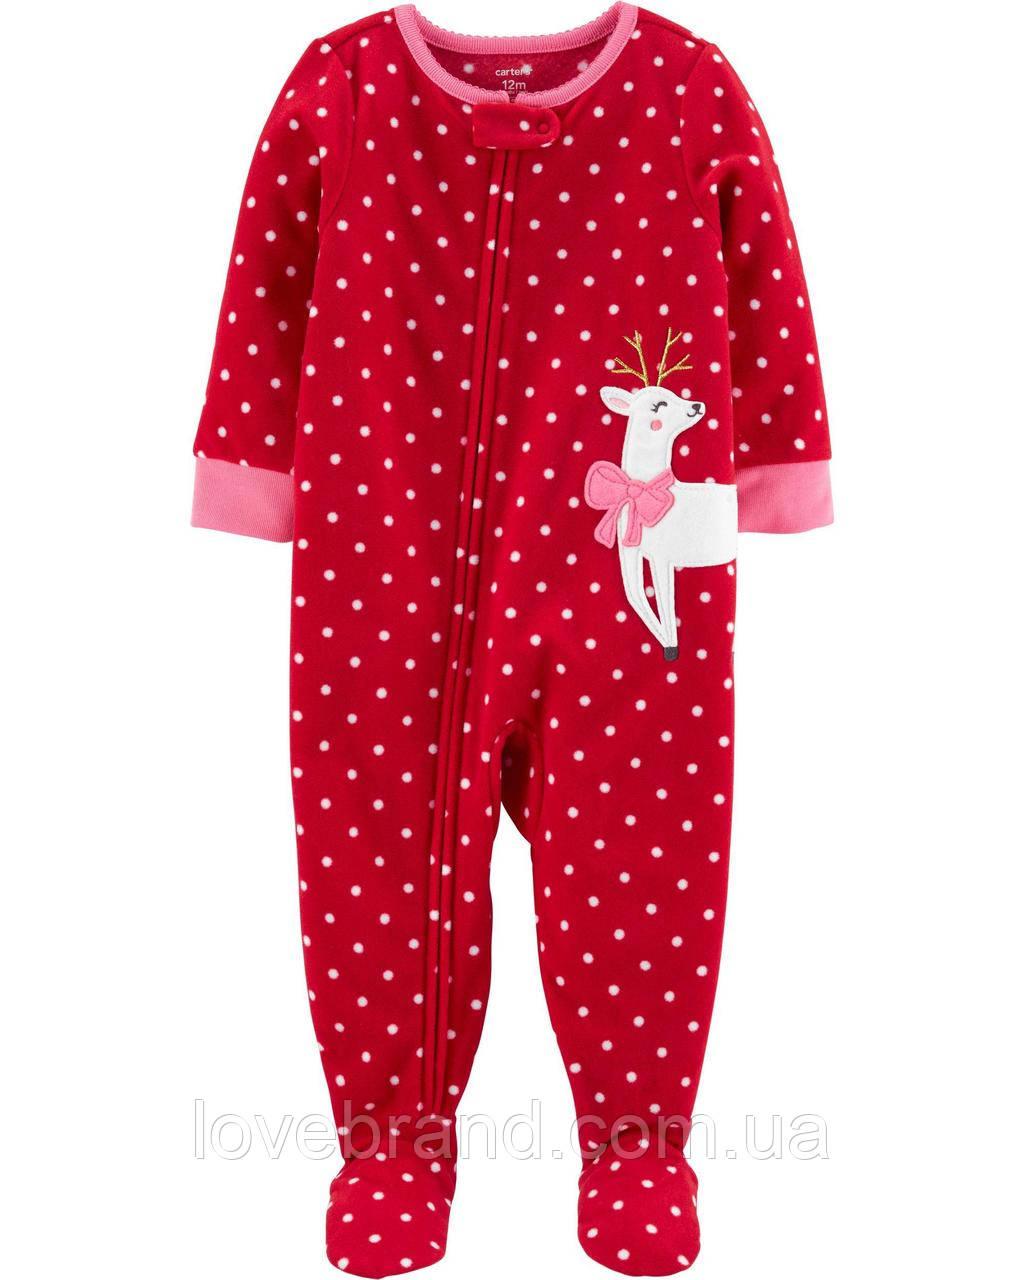 """Флисовый слип для девочки Carter's """"Олень"""" красная флисовая пижама новогодняя 4Т/98-105 см"""